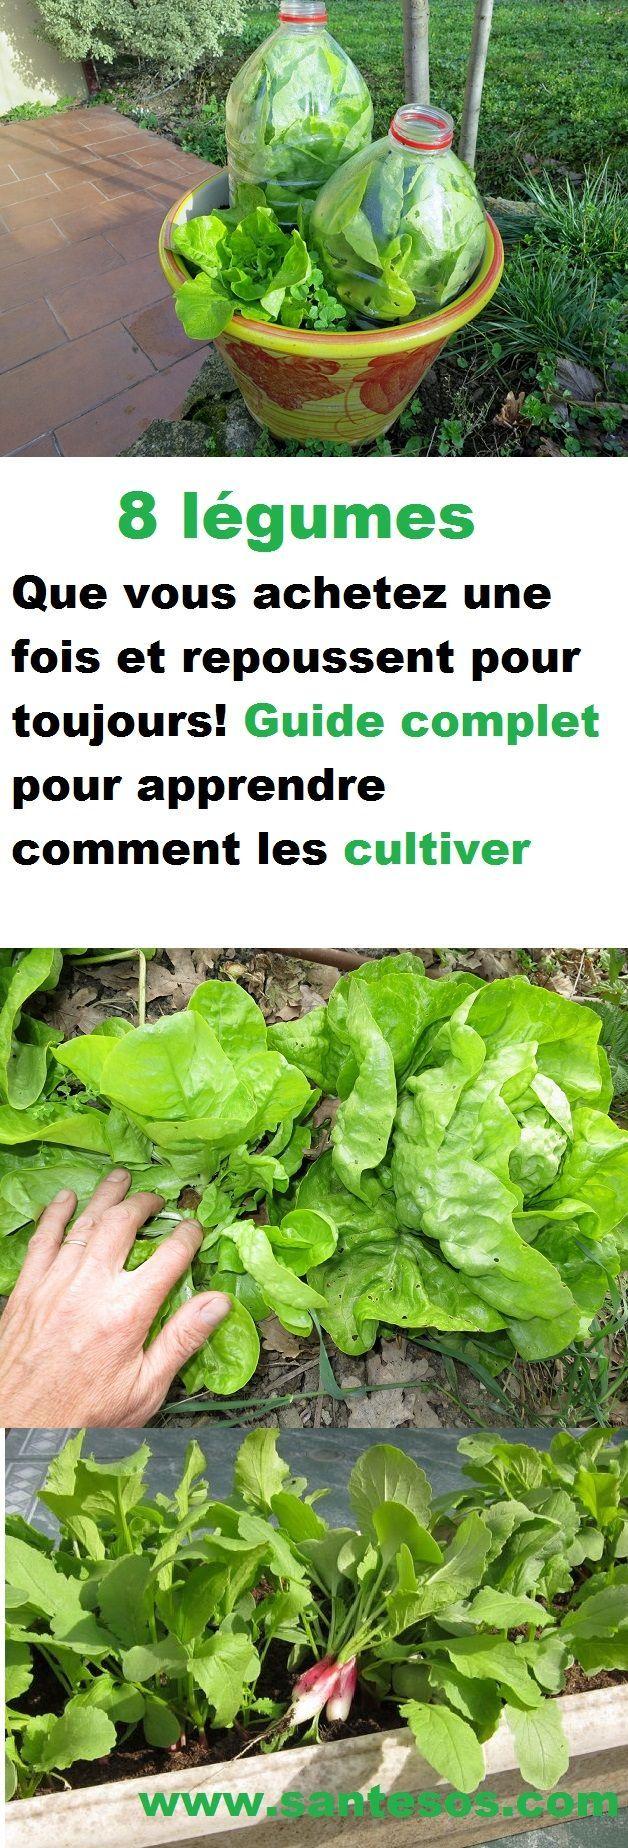 eight légumes que vous achetez une fois et repoussent pour toujours! Information complet …